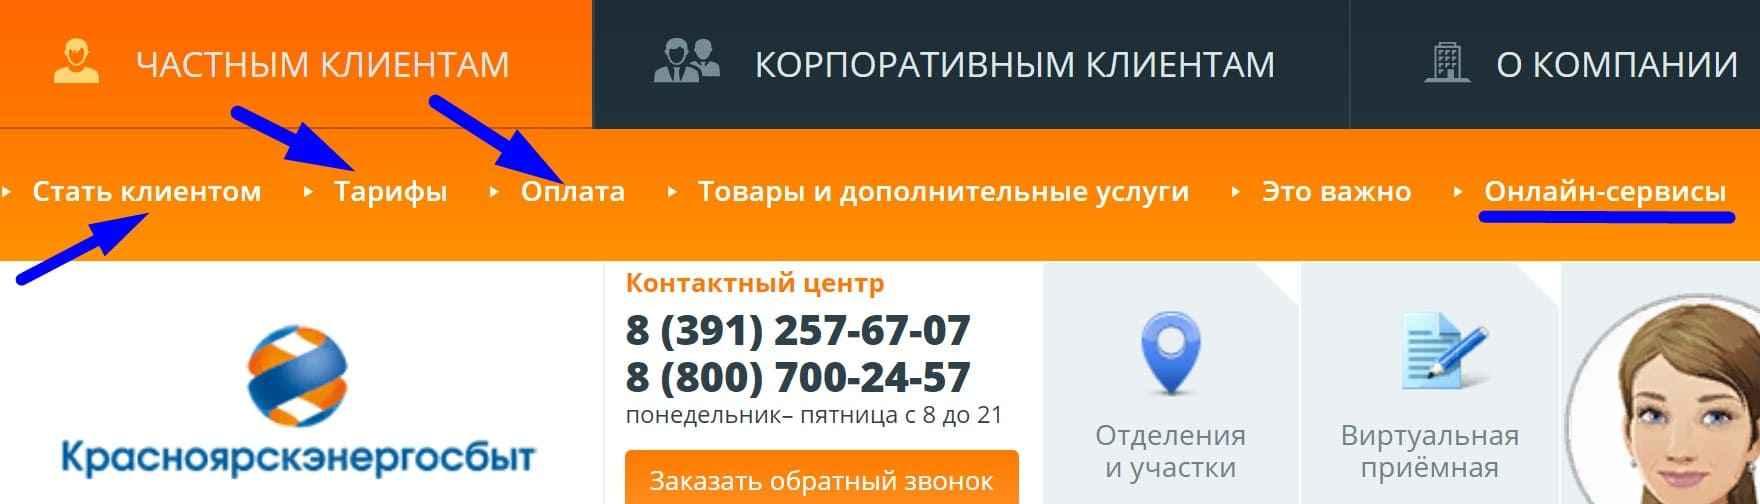 КрасноярскЭнергосбыт личный кабинет